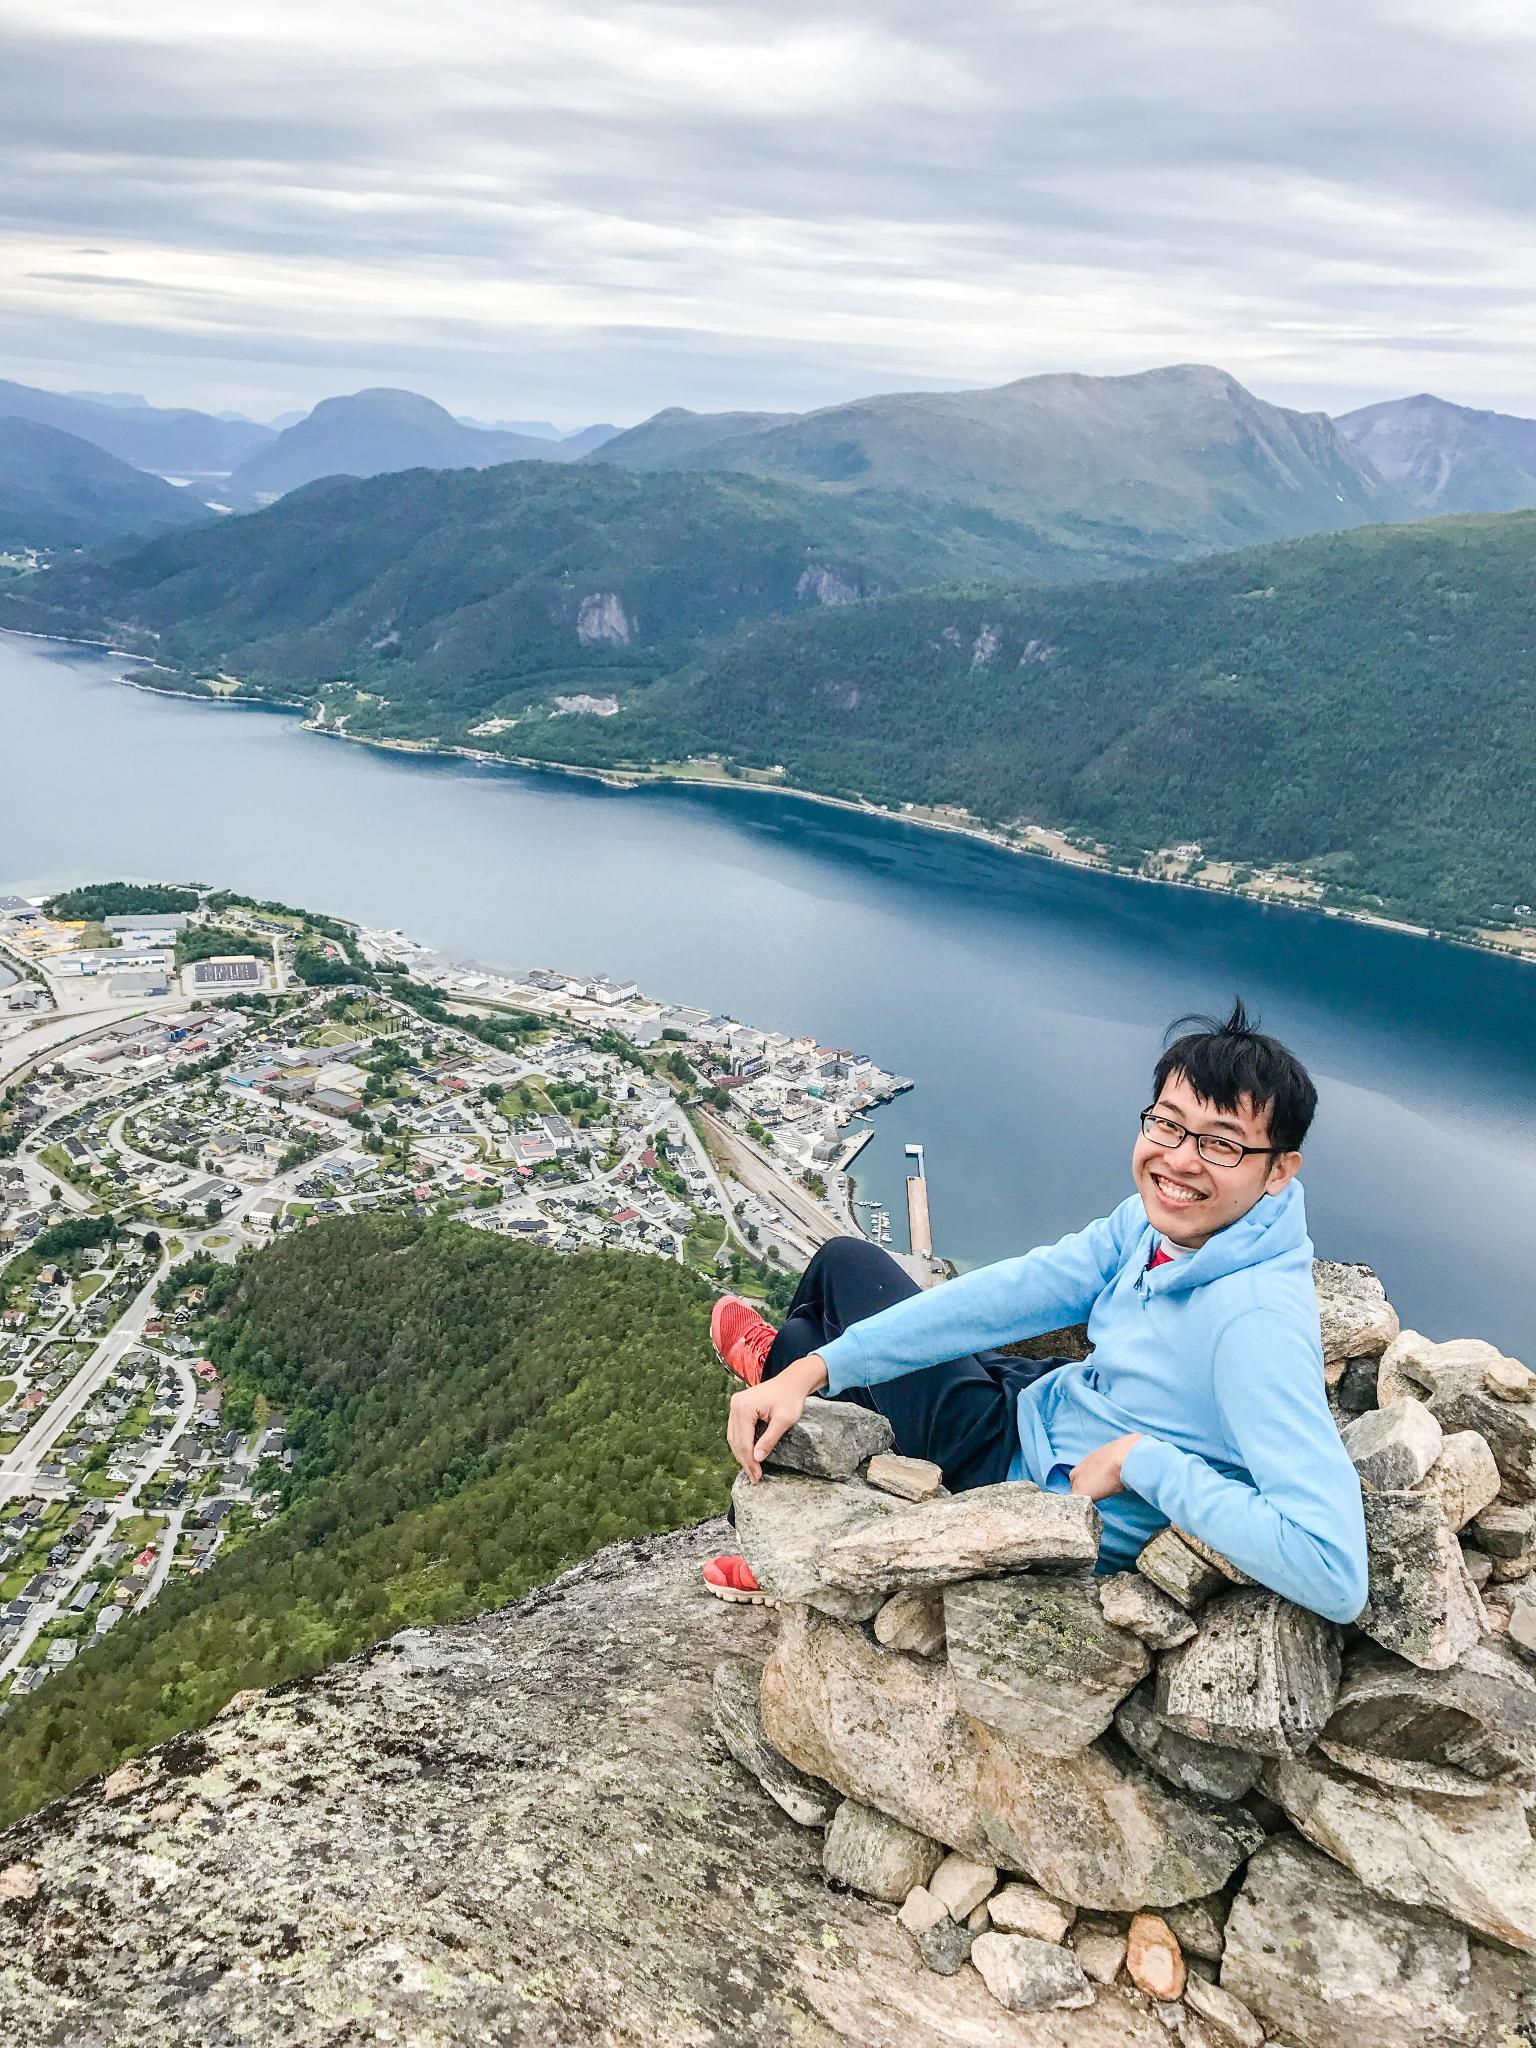 【北歐景點】峽灣區起點Åndalsnes健行 - 鳥瞰峽灣全景的Rampestreken觀景台 26